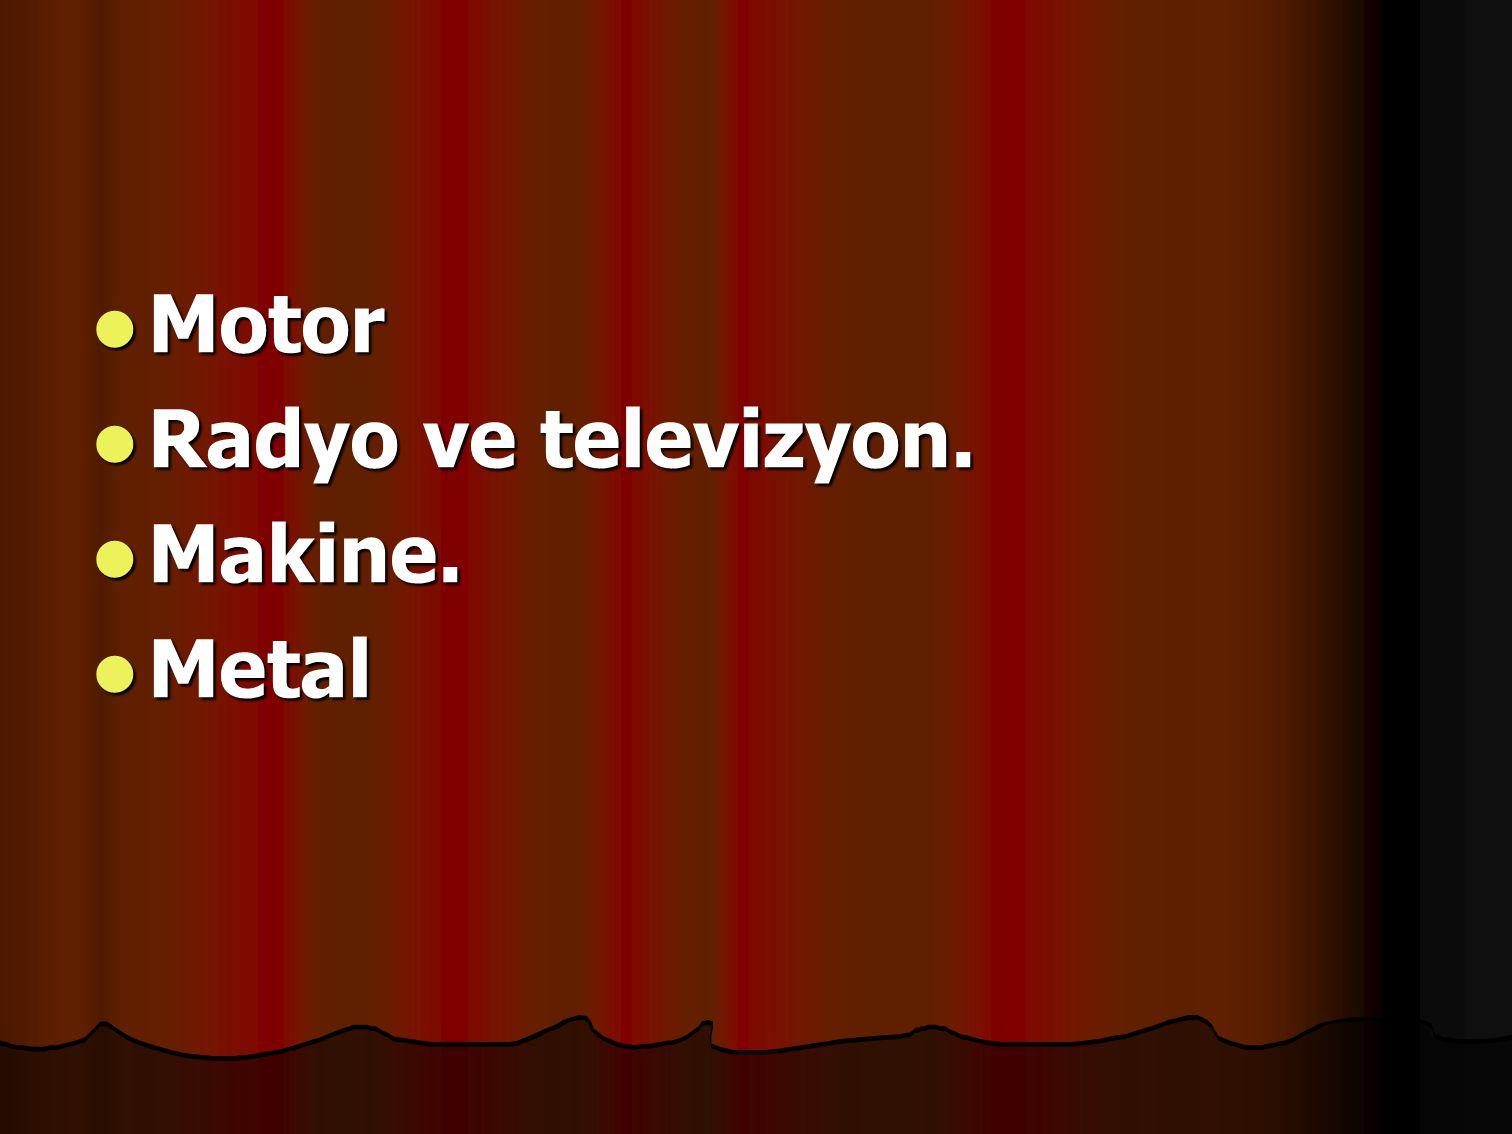 Motor Motor Radyo ve televizyon. Radyo ve televizyon. Makine. Makine. Metal Metal